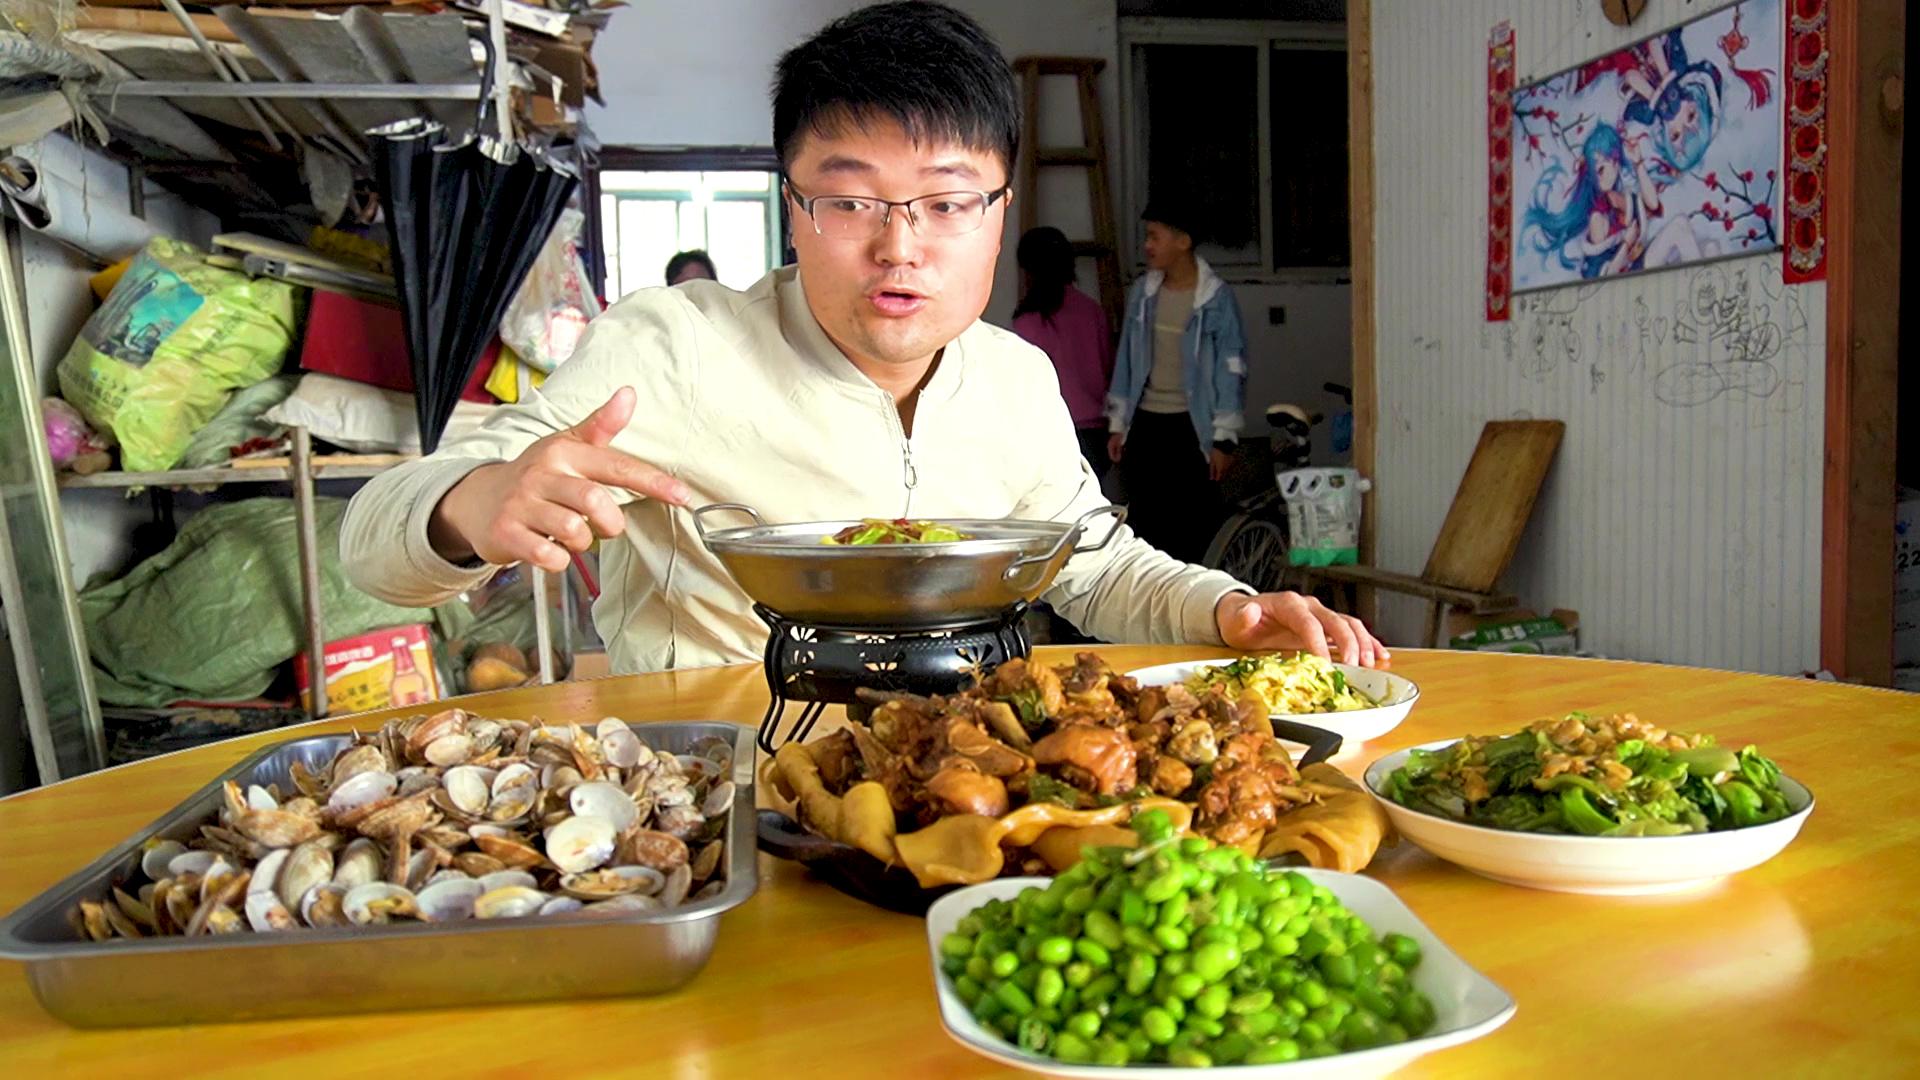 五斤花甲,四斤炒鸡,做一大桌菜招待小姑,一个人收底,饭做少了